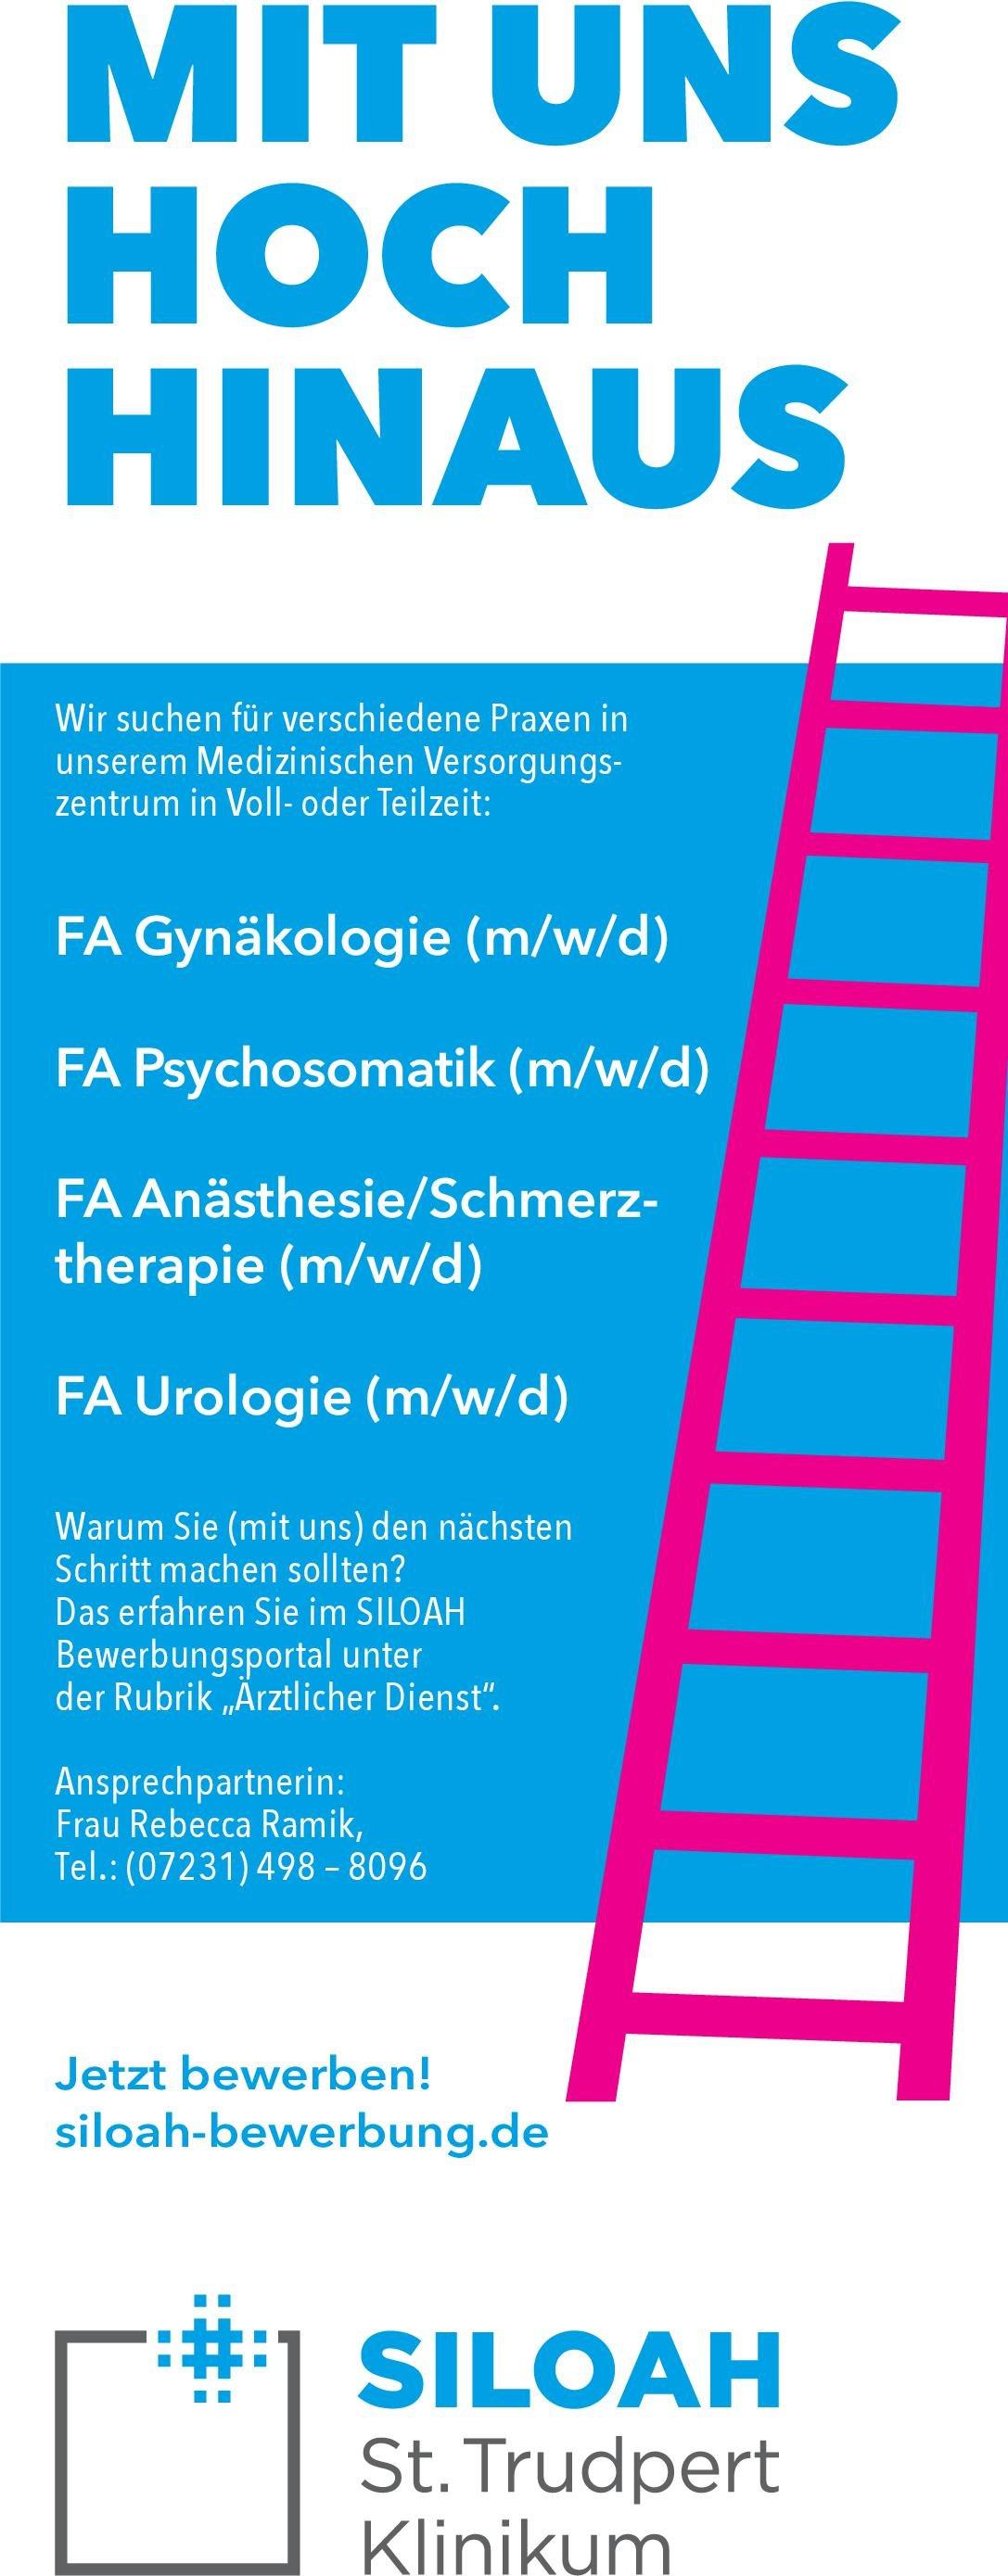 Siloah St. Trudpert Klinikum FA Psychosomatik (m/w/d) Psychosomatische Medizin und Psychotherapie Arzt / Facharzt